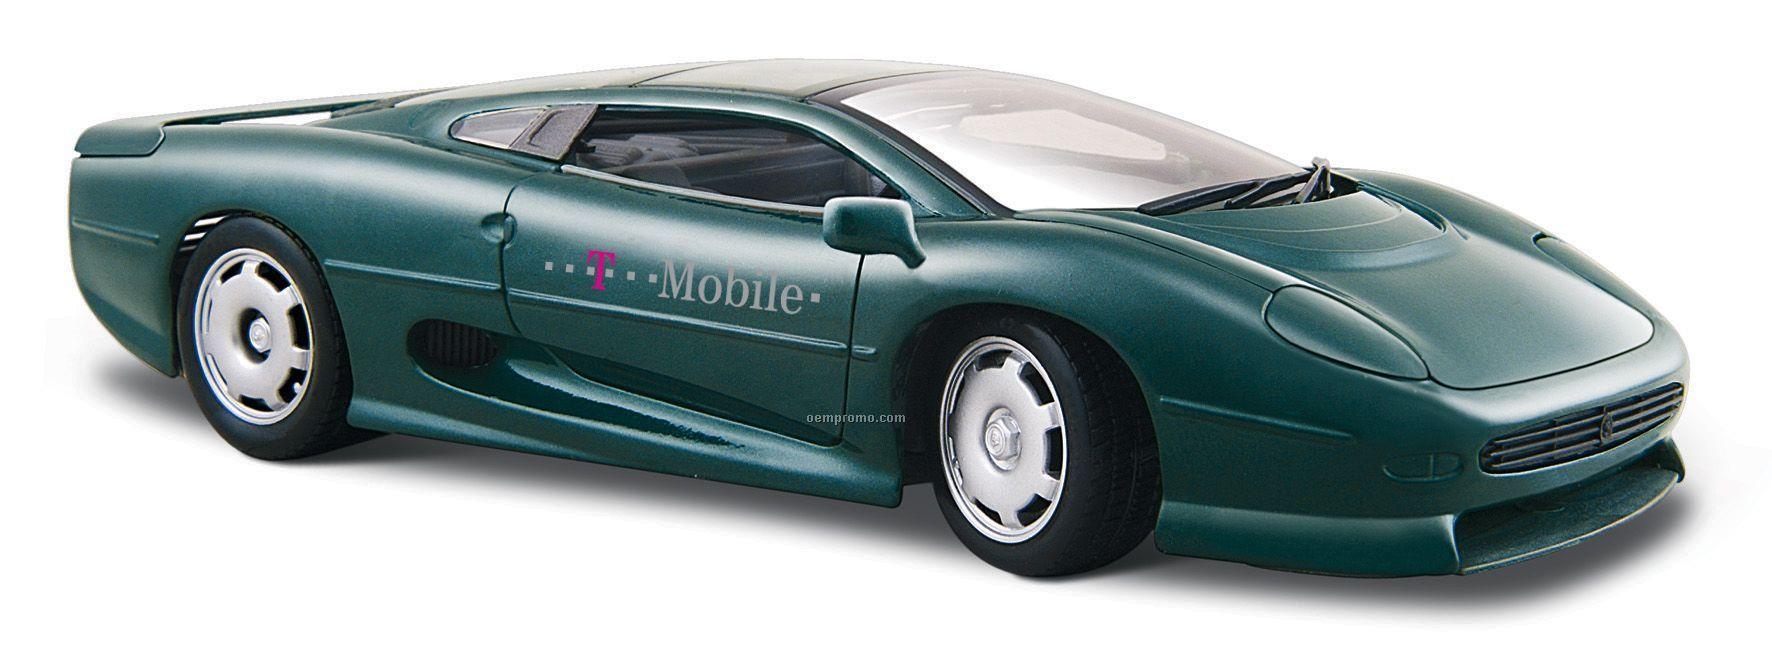 """7""""X2-1/2""""X3"""" Jaguar Xj220 Sports Car Die Cast Replica"""